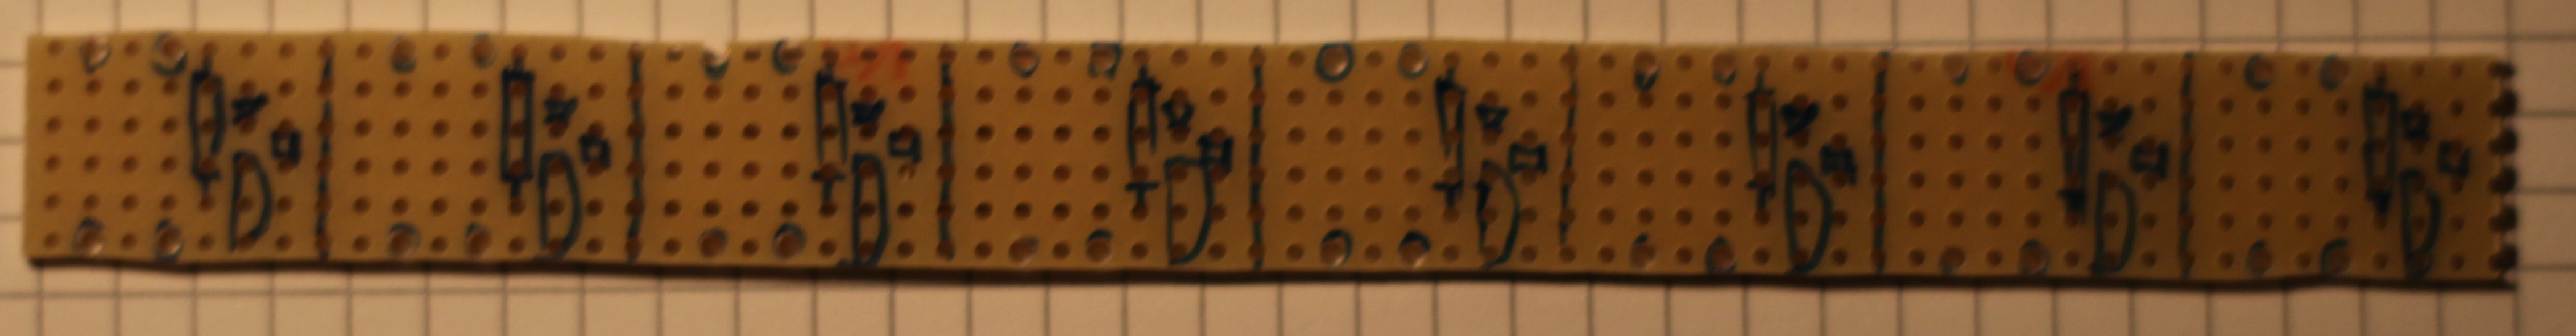 Bauteile aufgezeichnet, D1 und D2 nur die zu verwendenden Löcher